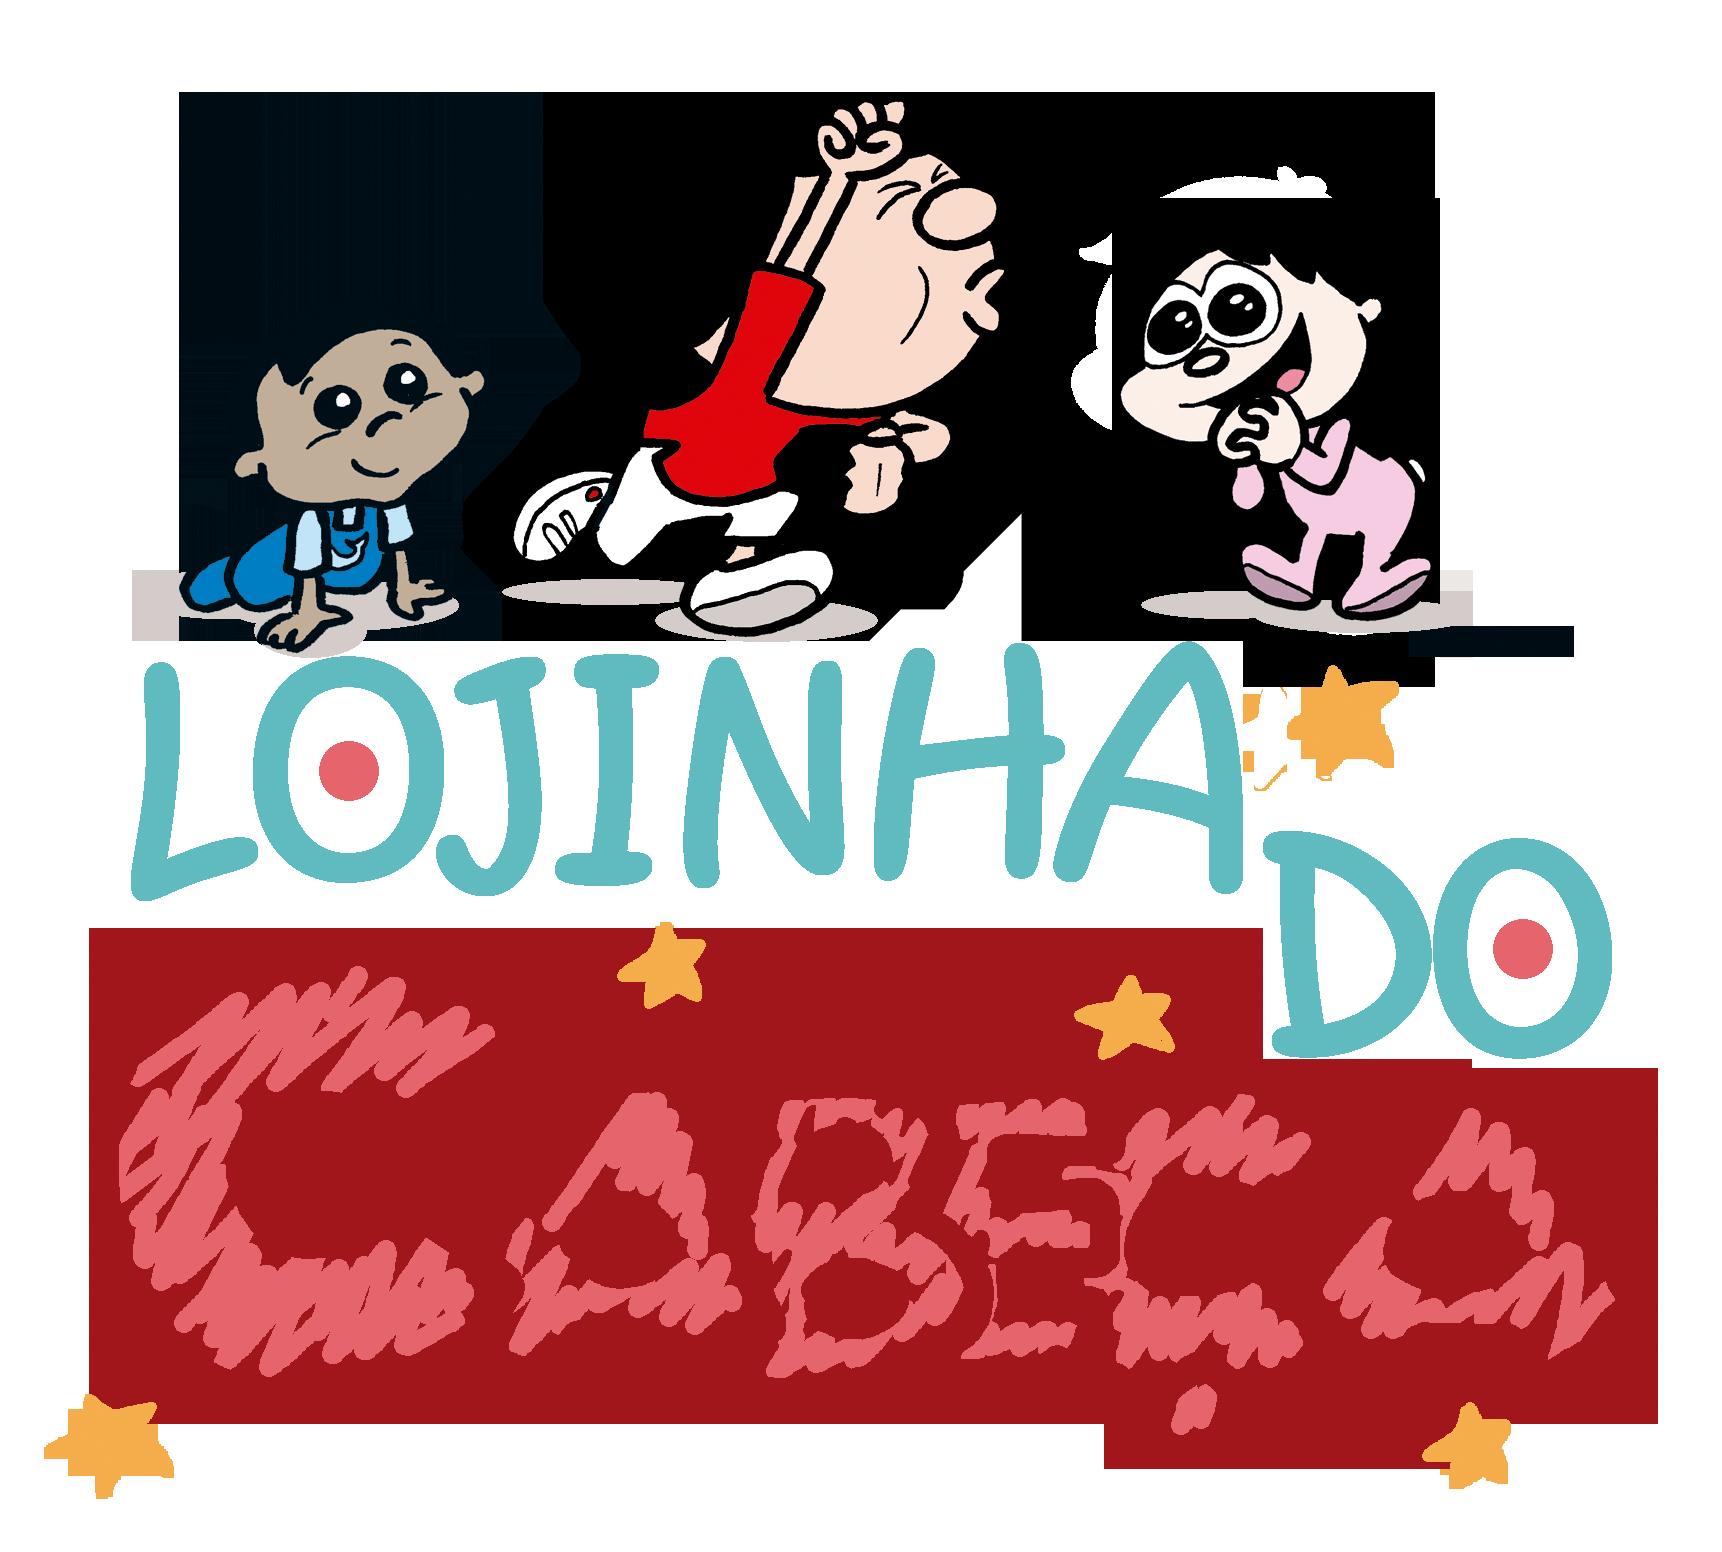 LOJINHA DO CABEÇA